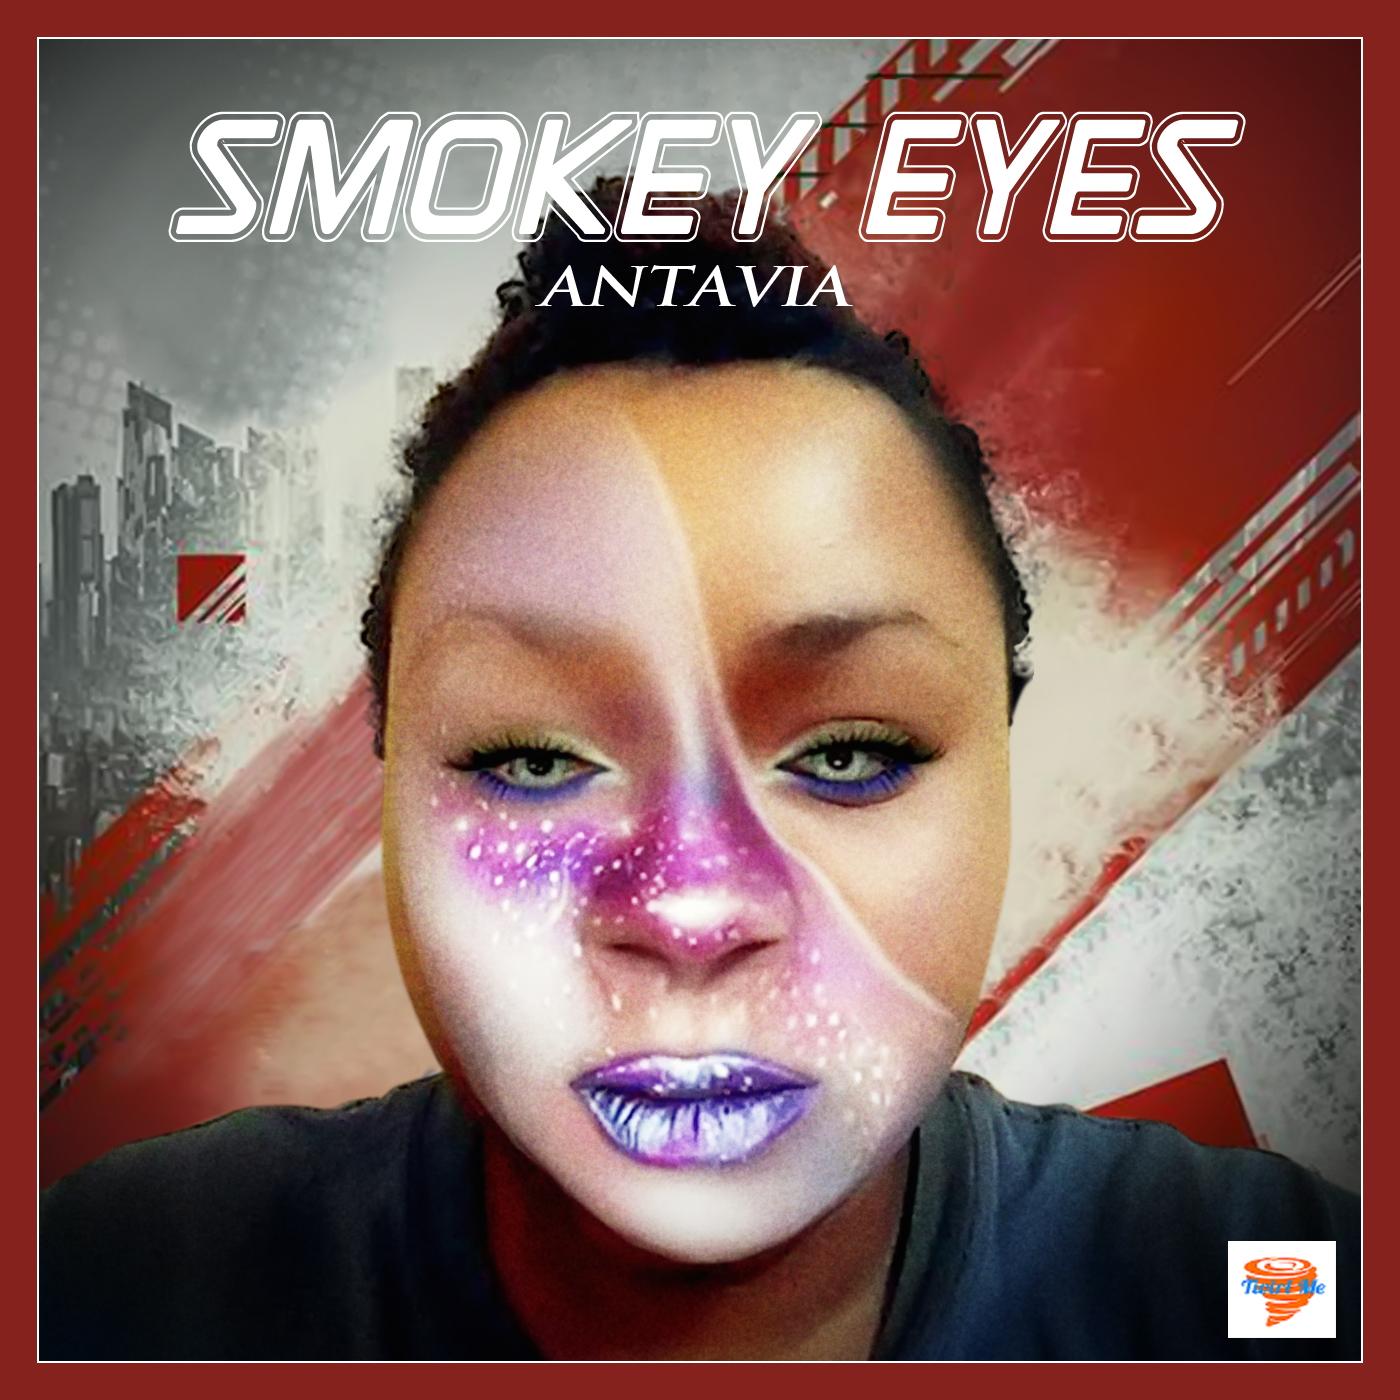 Art for Smokey Eyes by Antavia